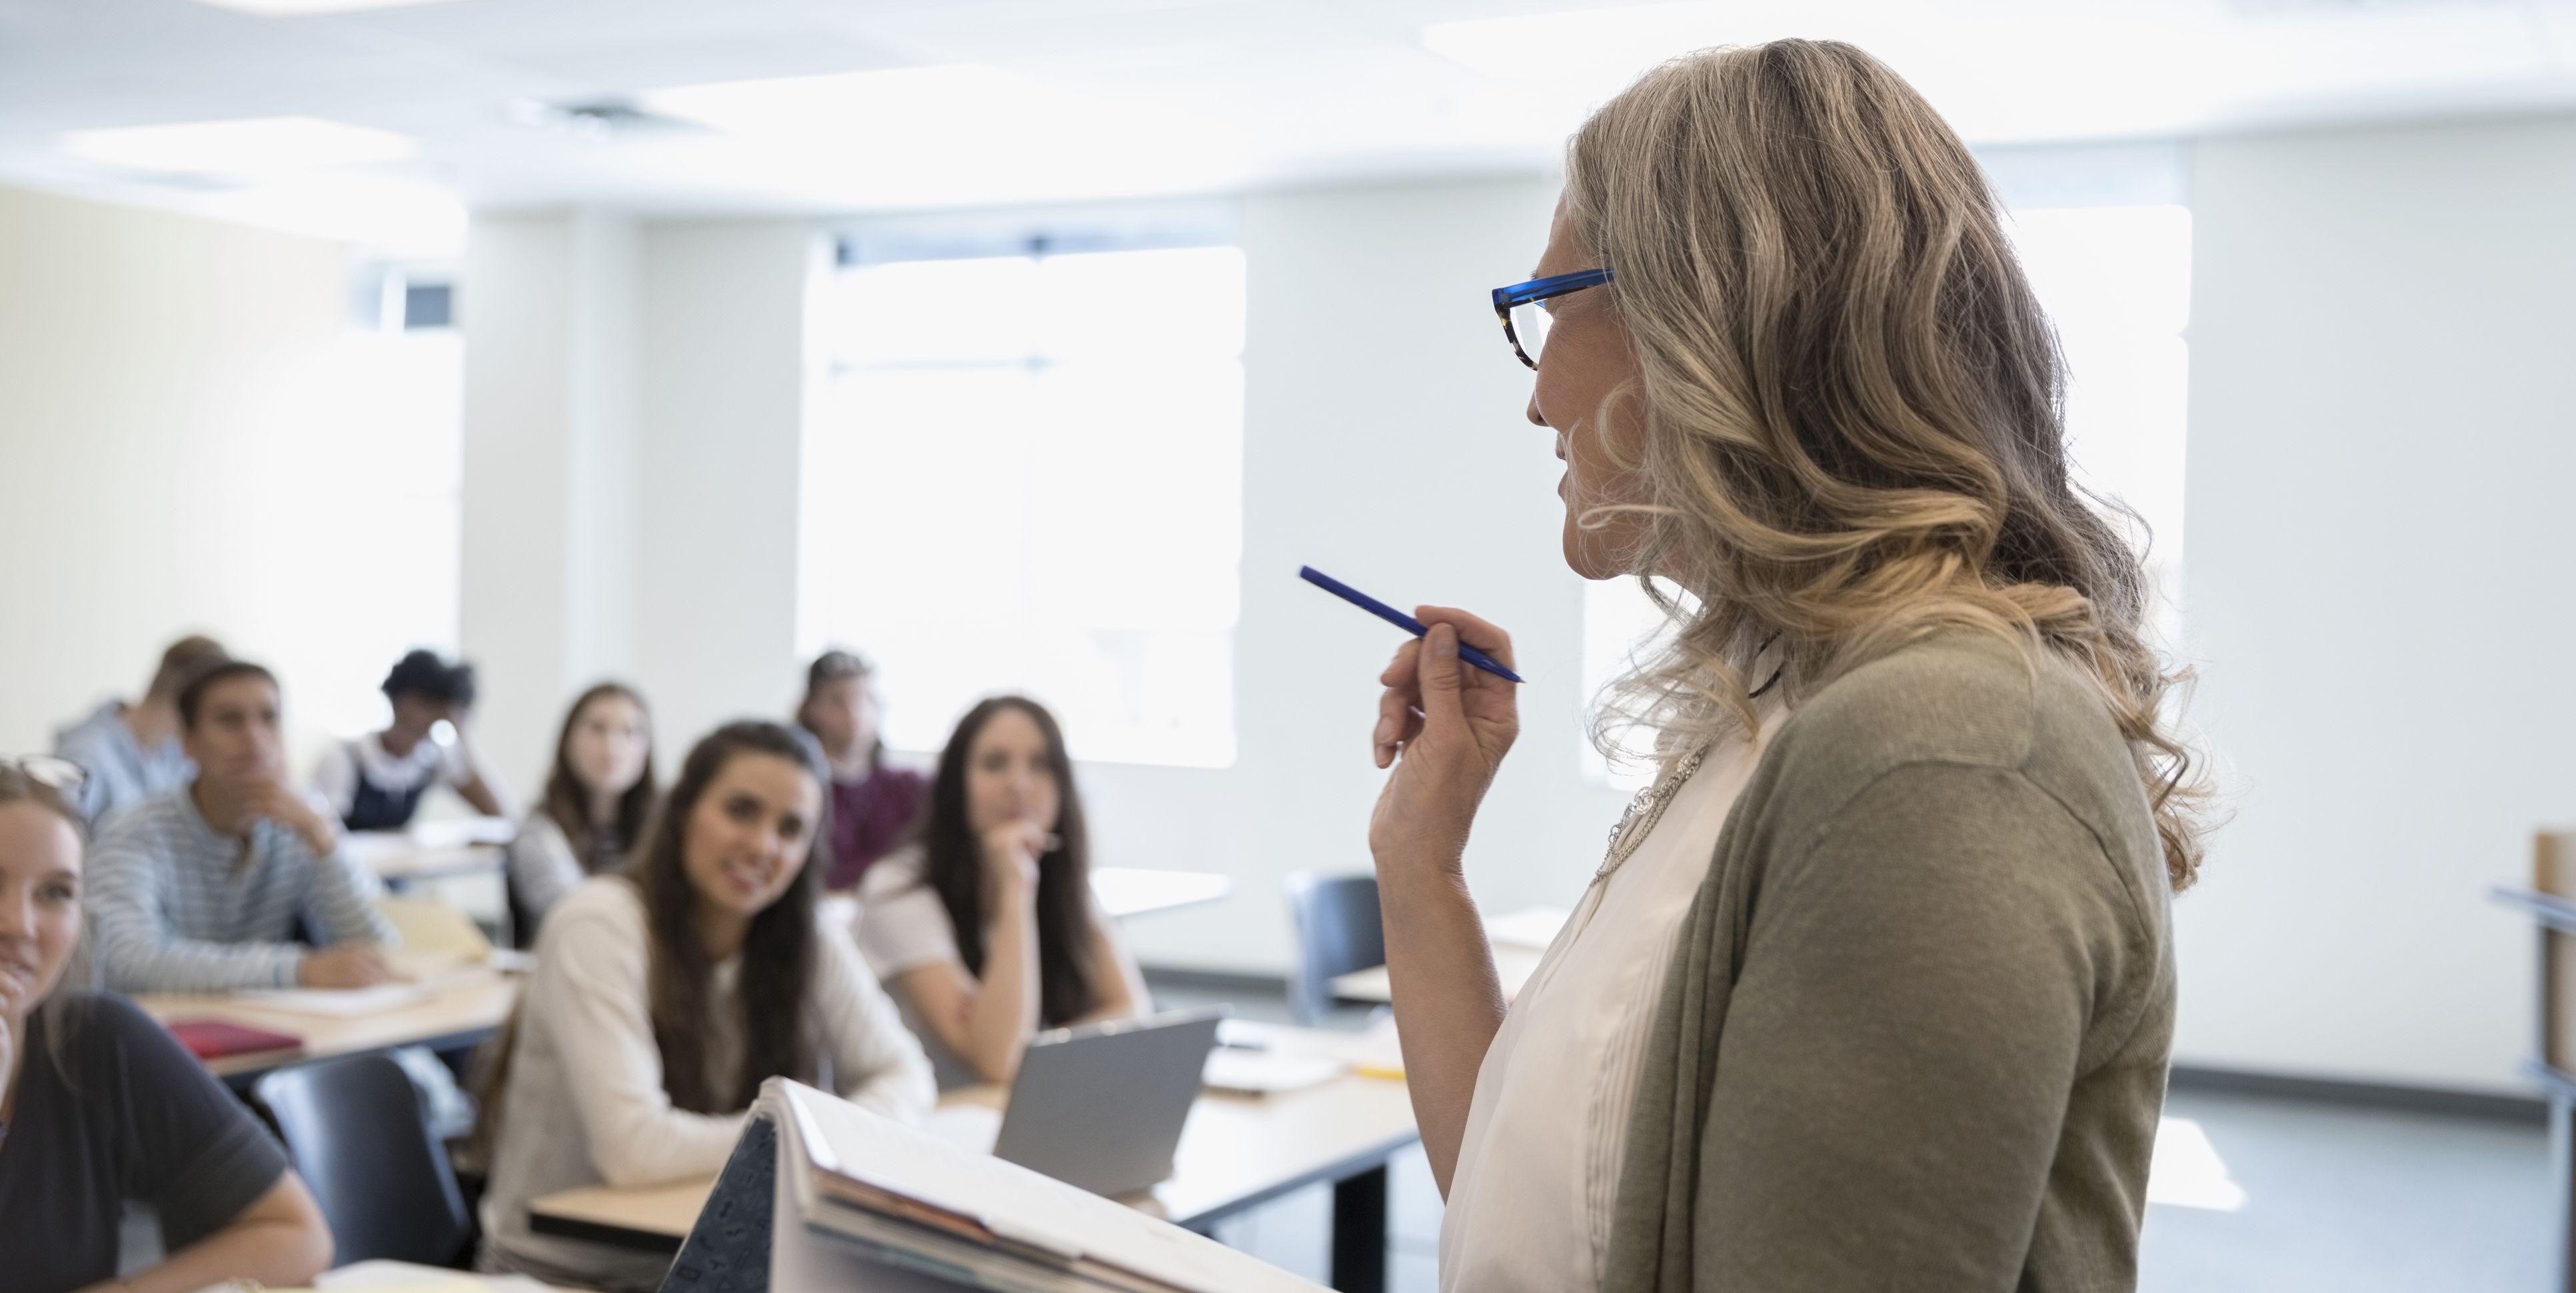 Professor leading lesson in classroom